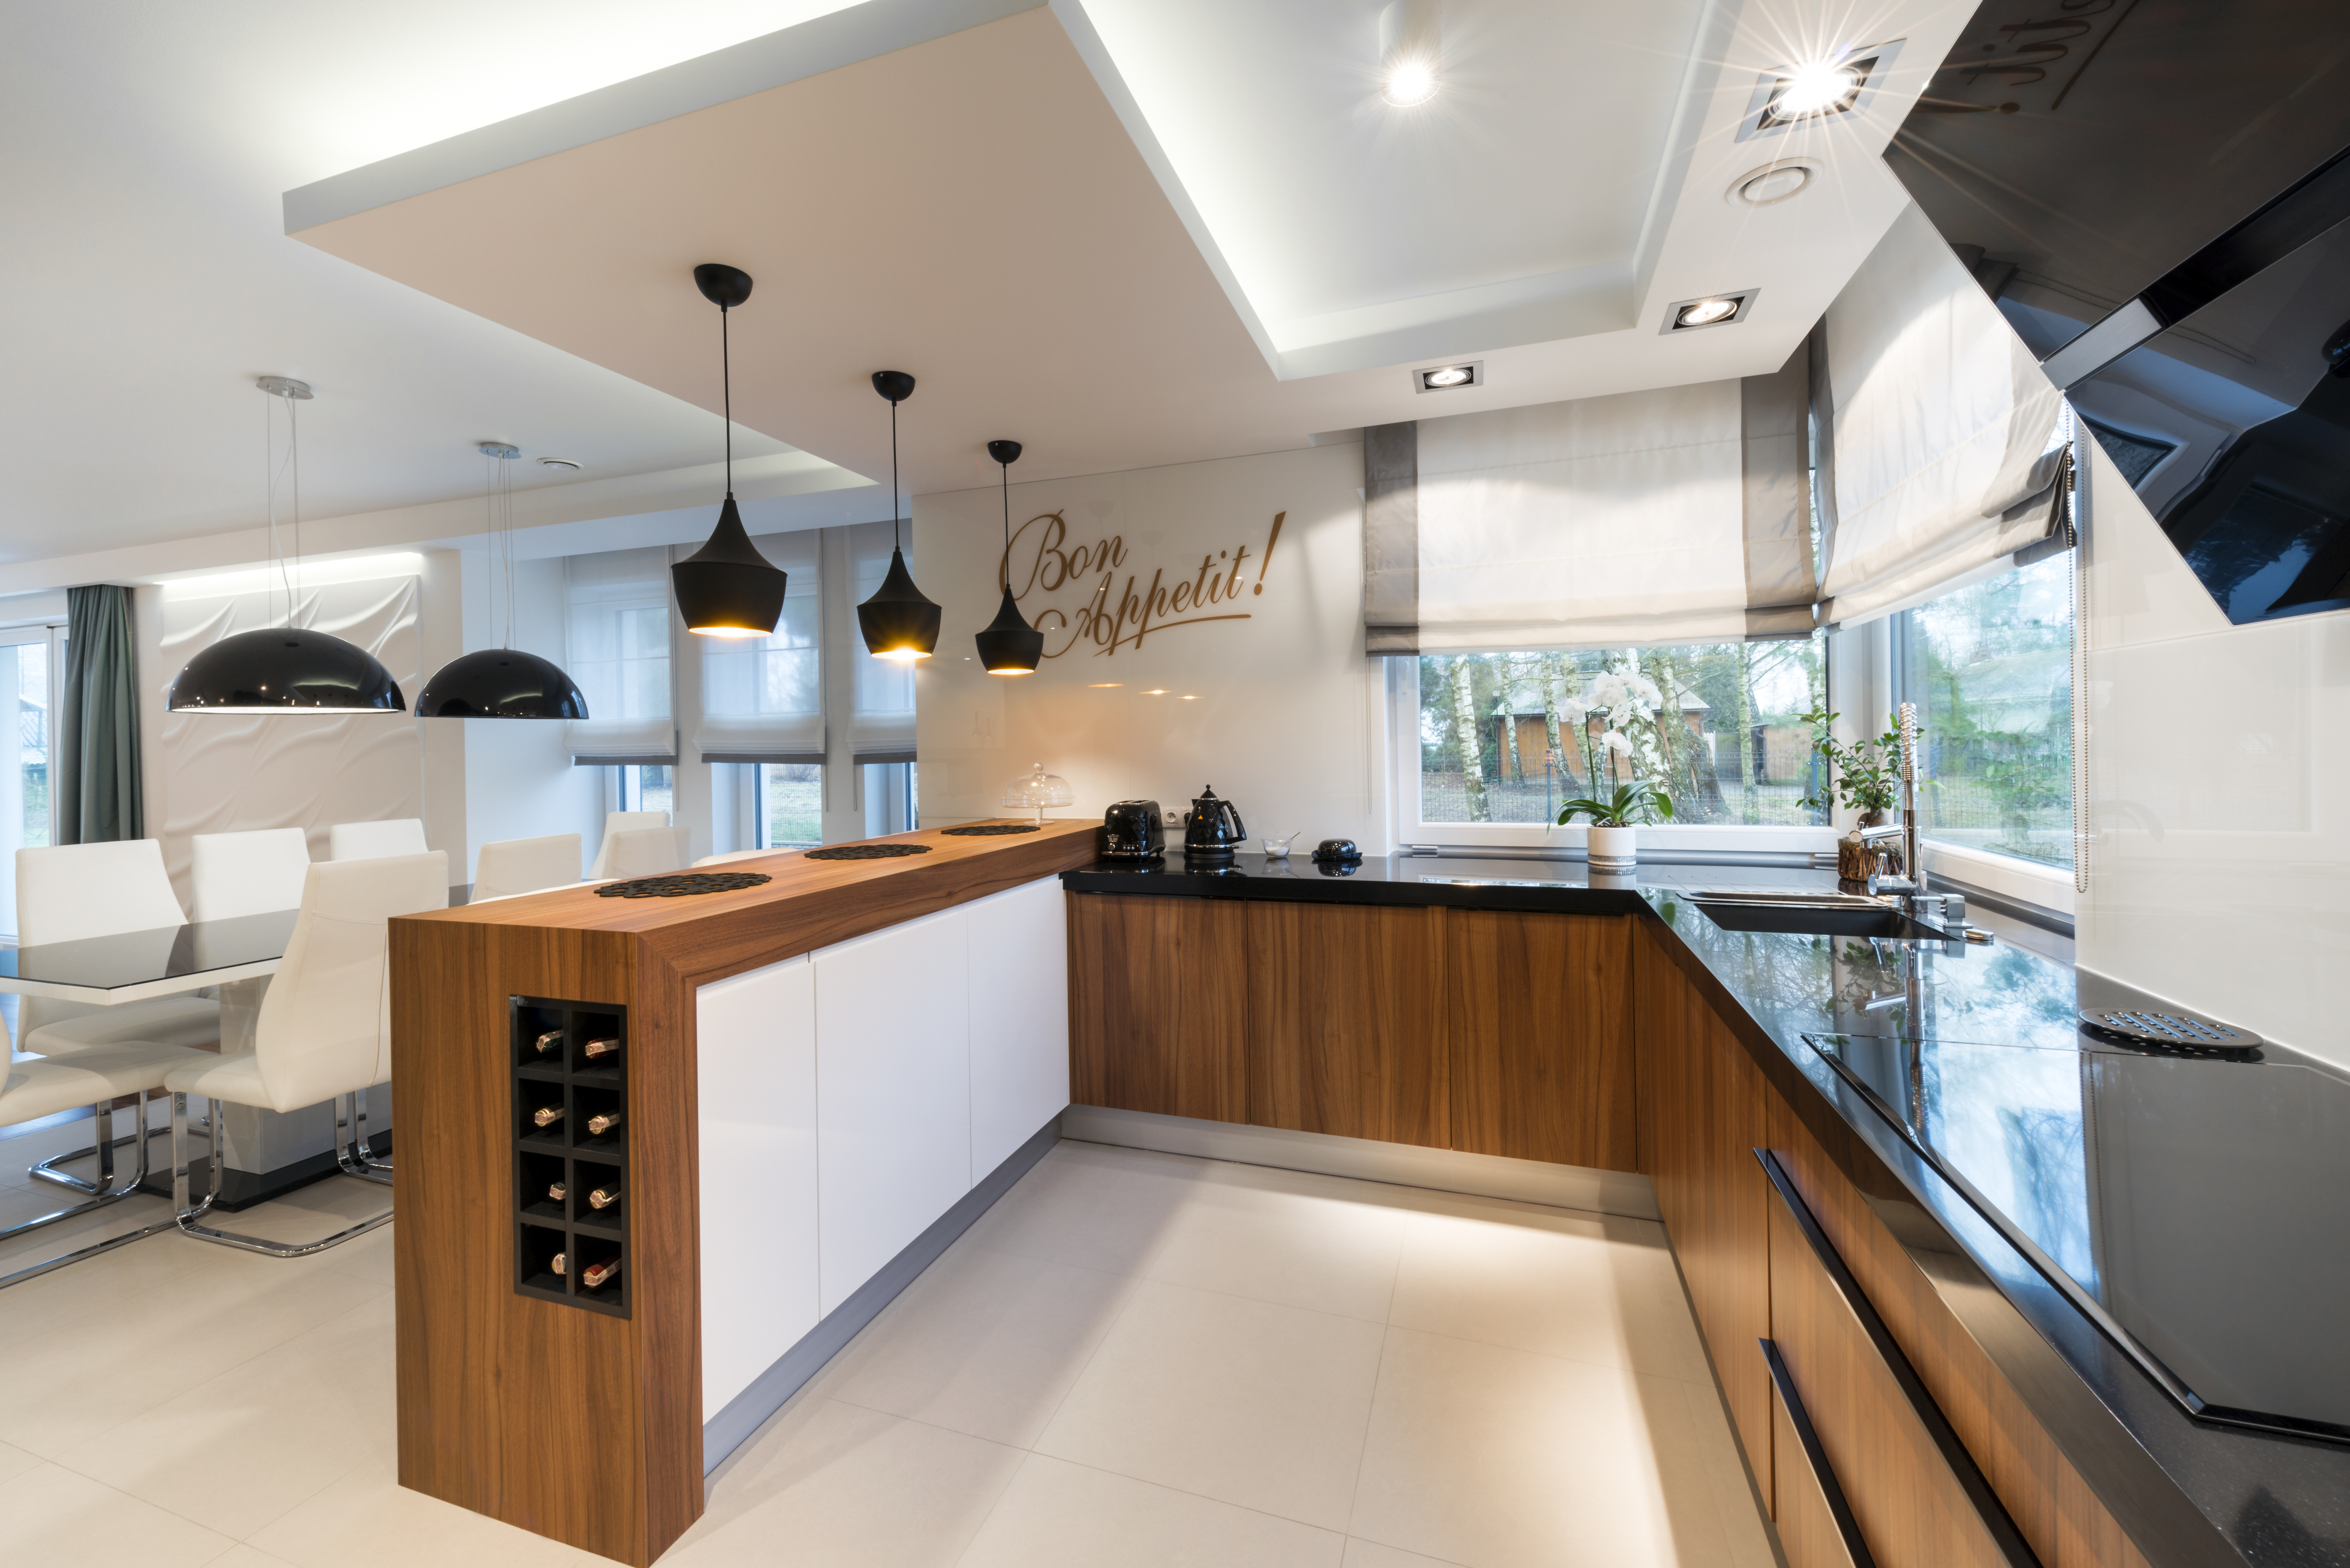 bigstock-Modern-Kitchen-Interior-Design-83288378